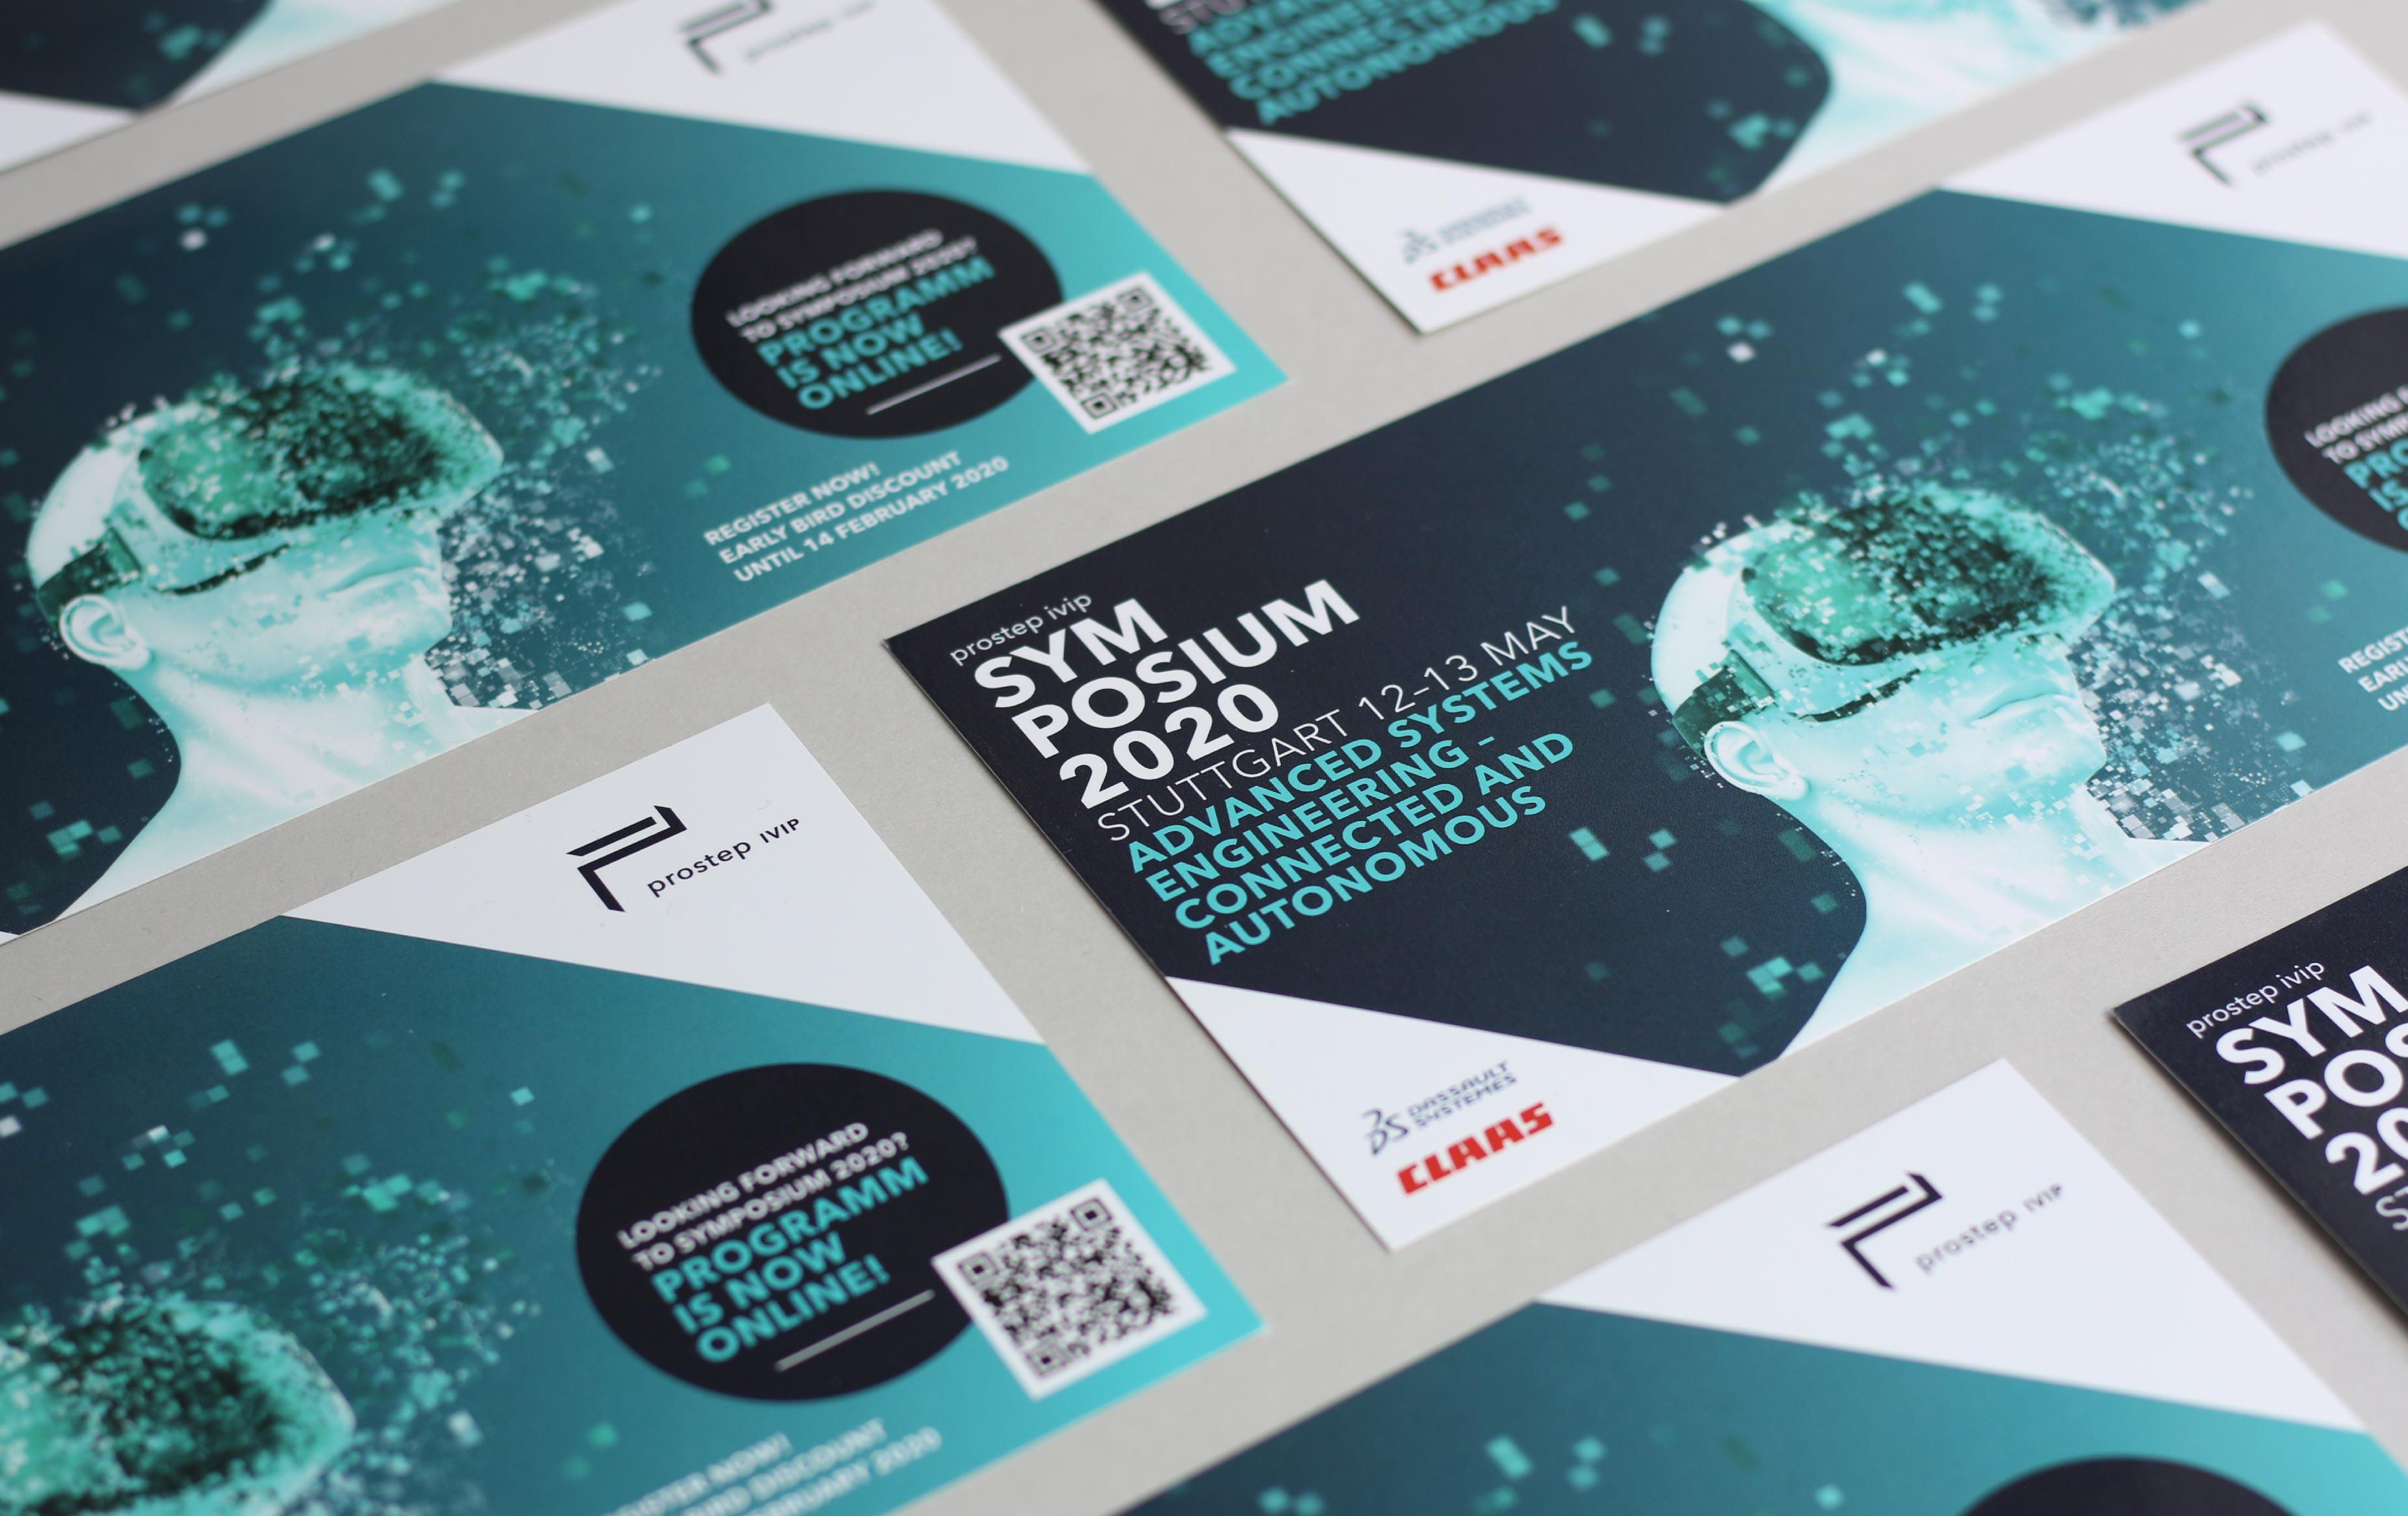 Mailing Design Symposium 2020